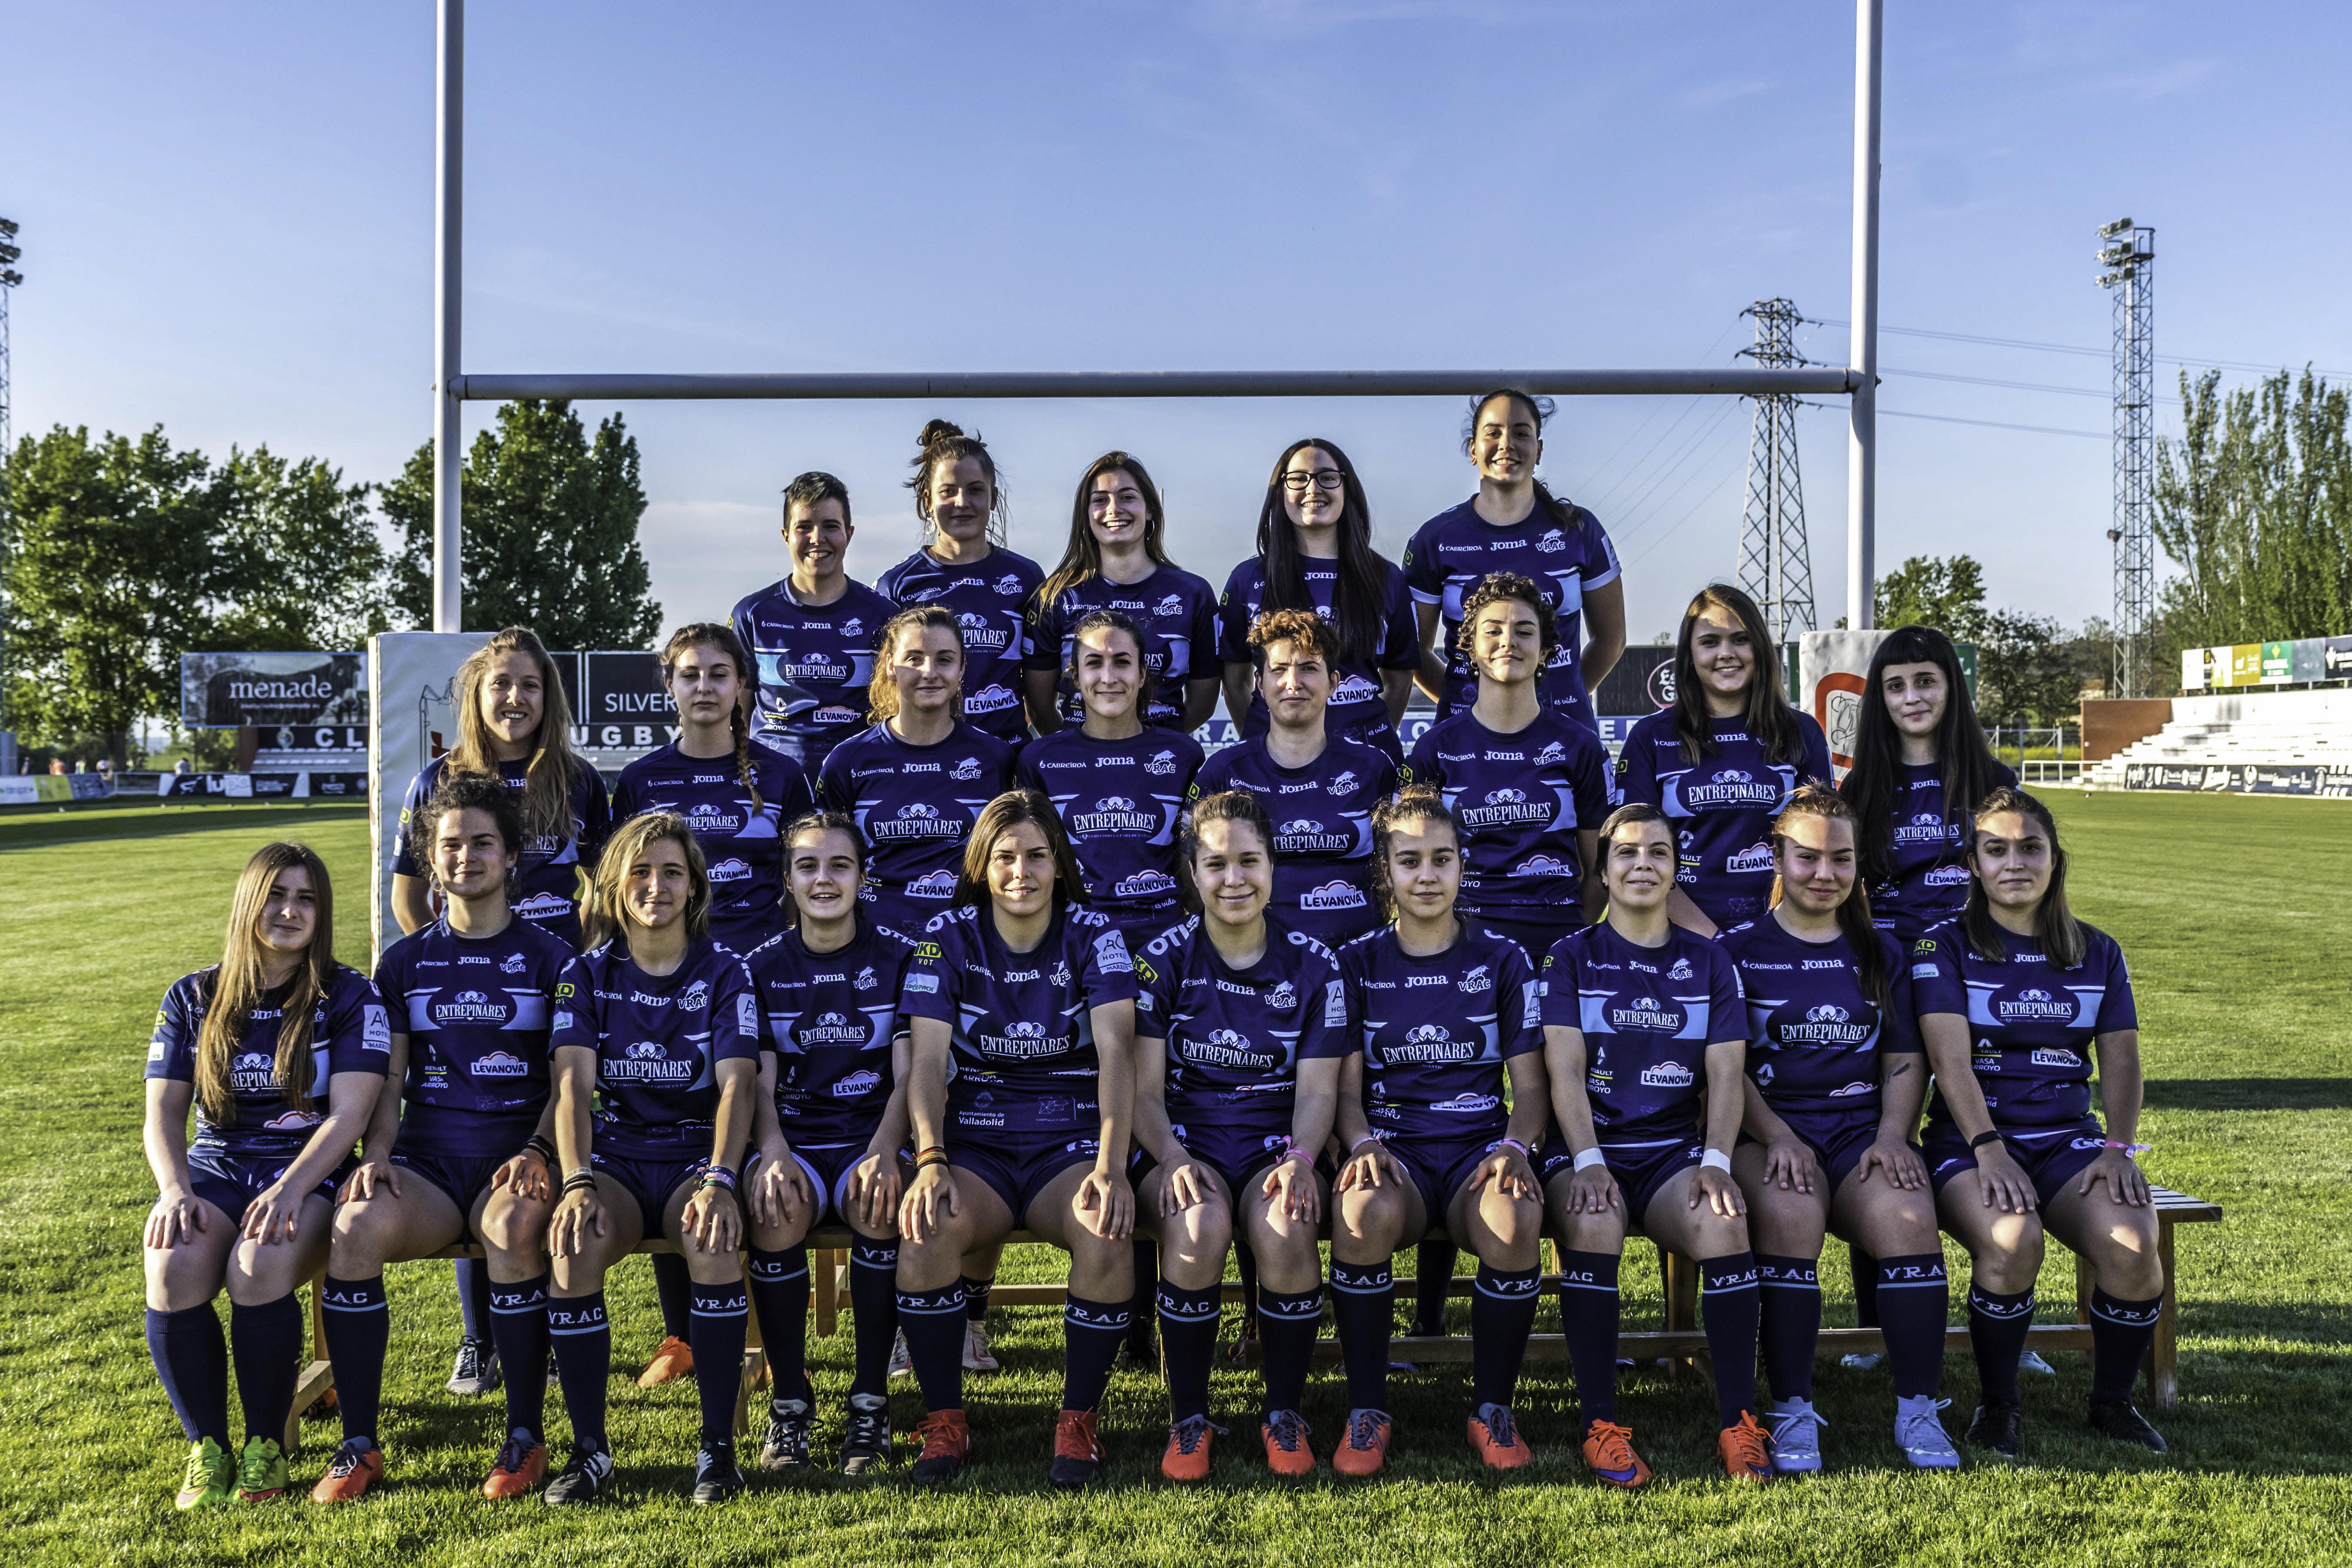 El VRAC Femenino disputa el Challenge 7s Copa de la Reina en A Coruña